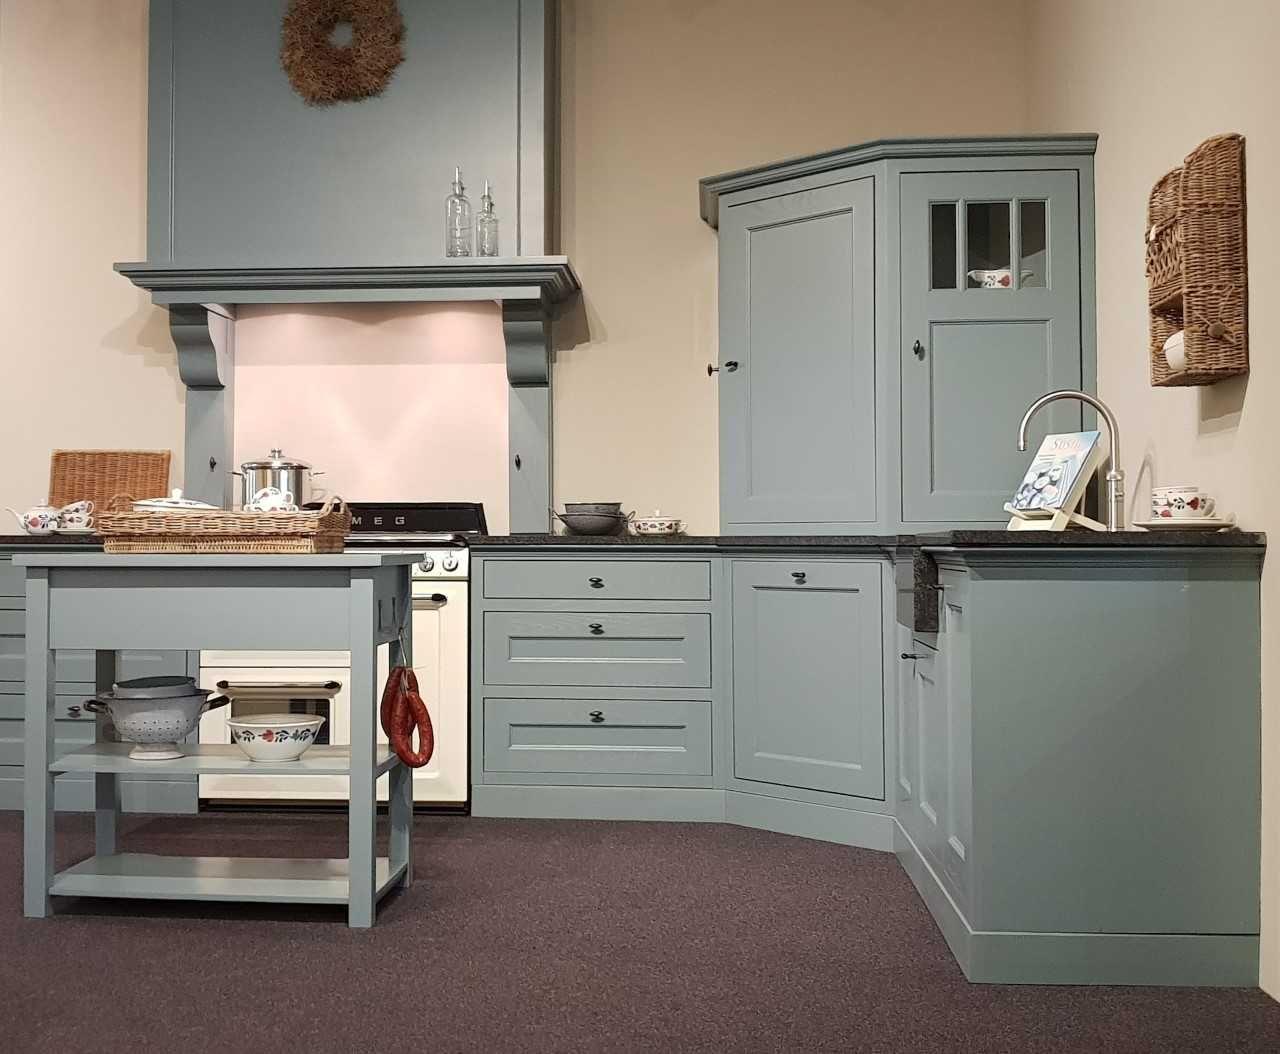 Keuken Industriele Smeg : Mooie landelijke houten keuken met een prachtige smeg fornuis